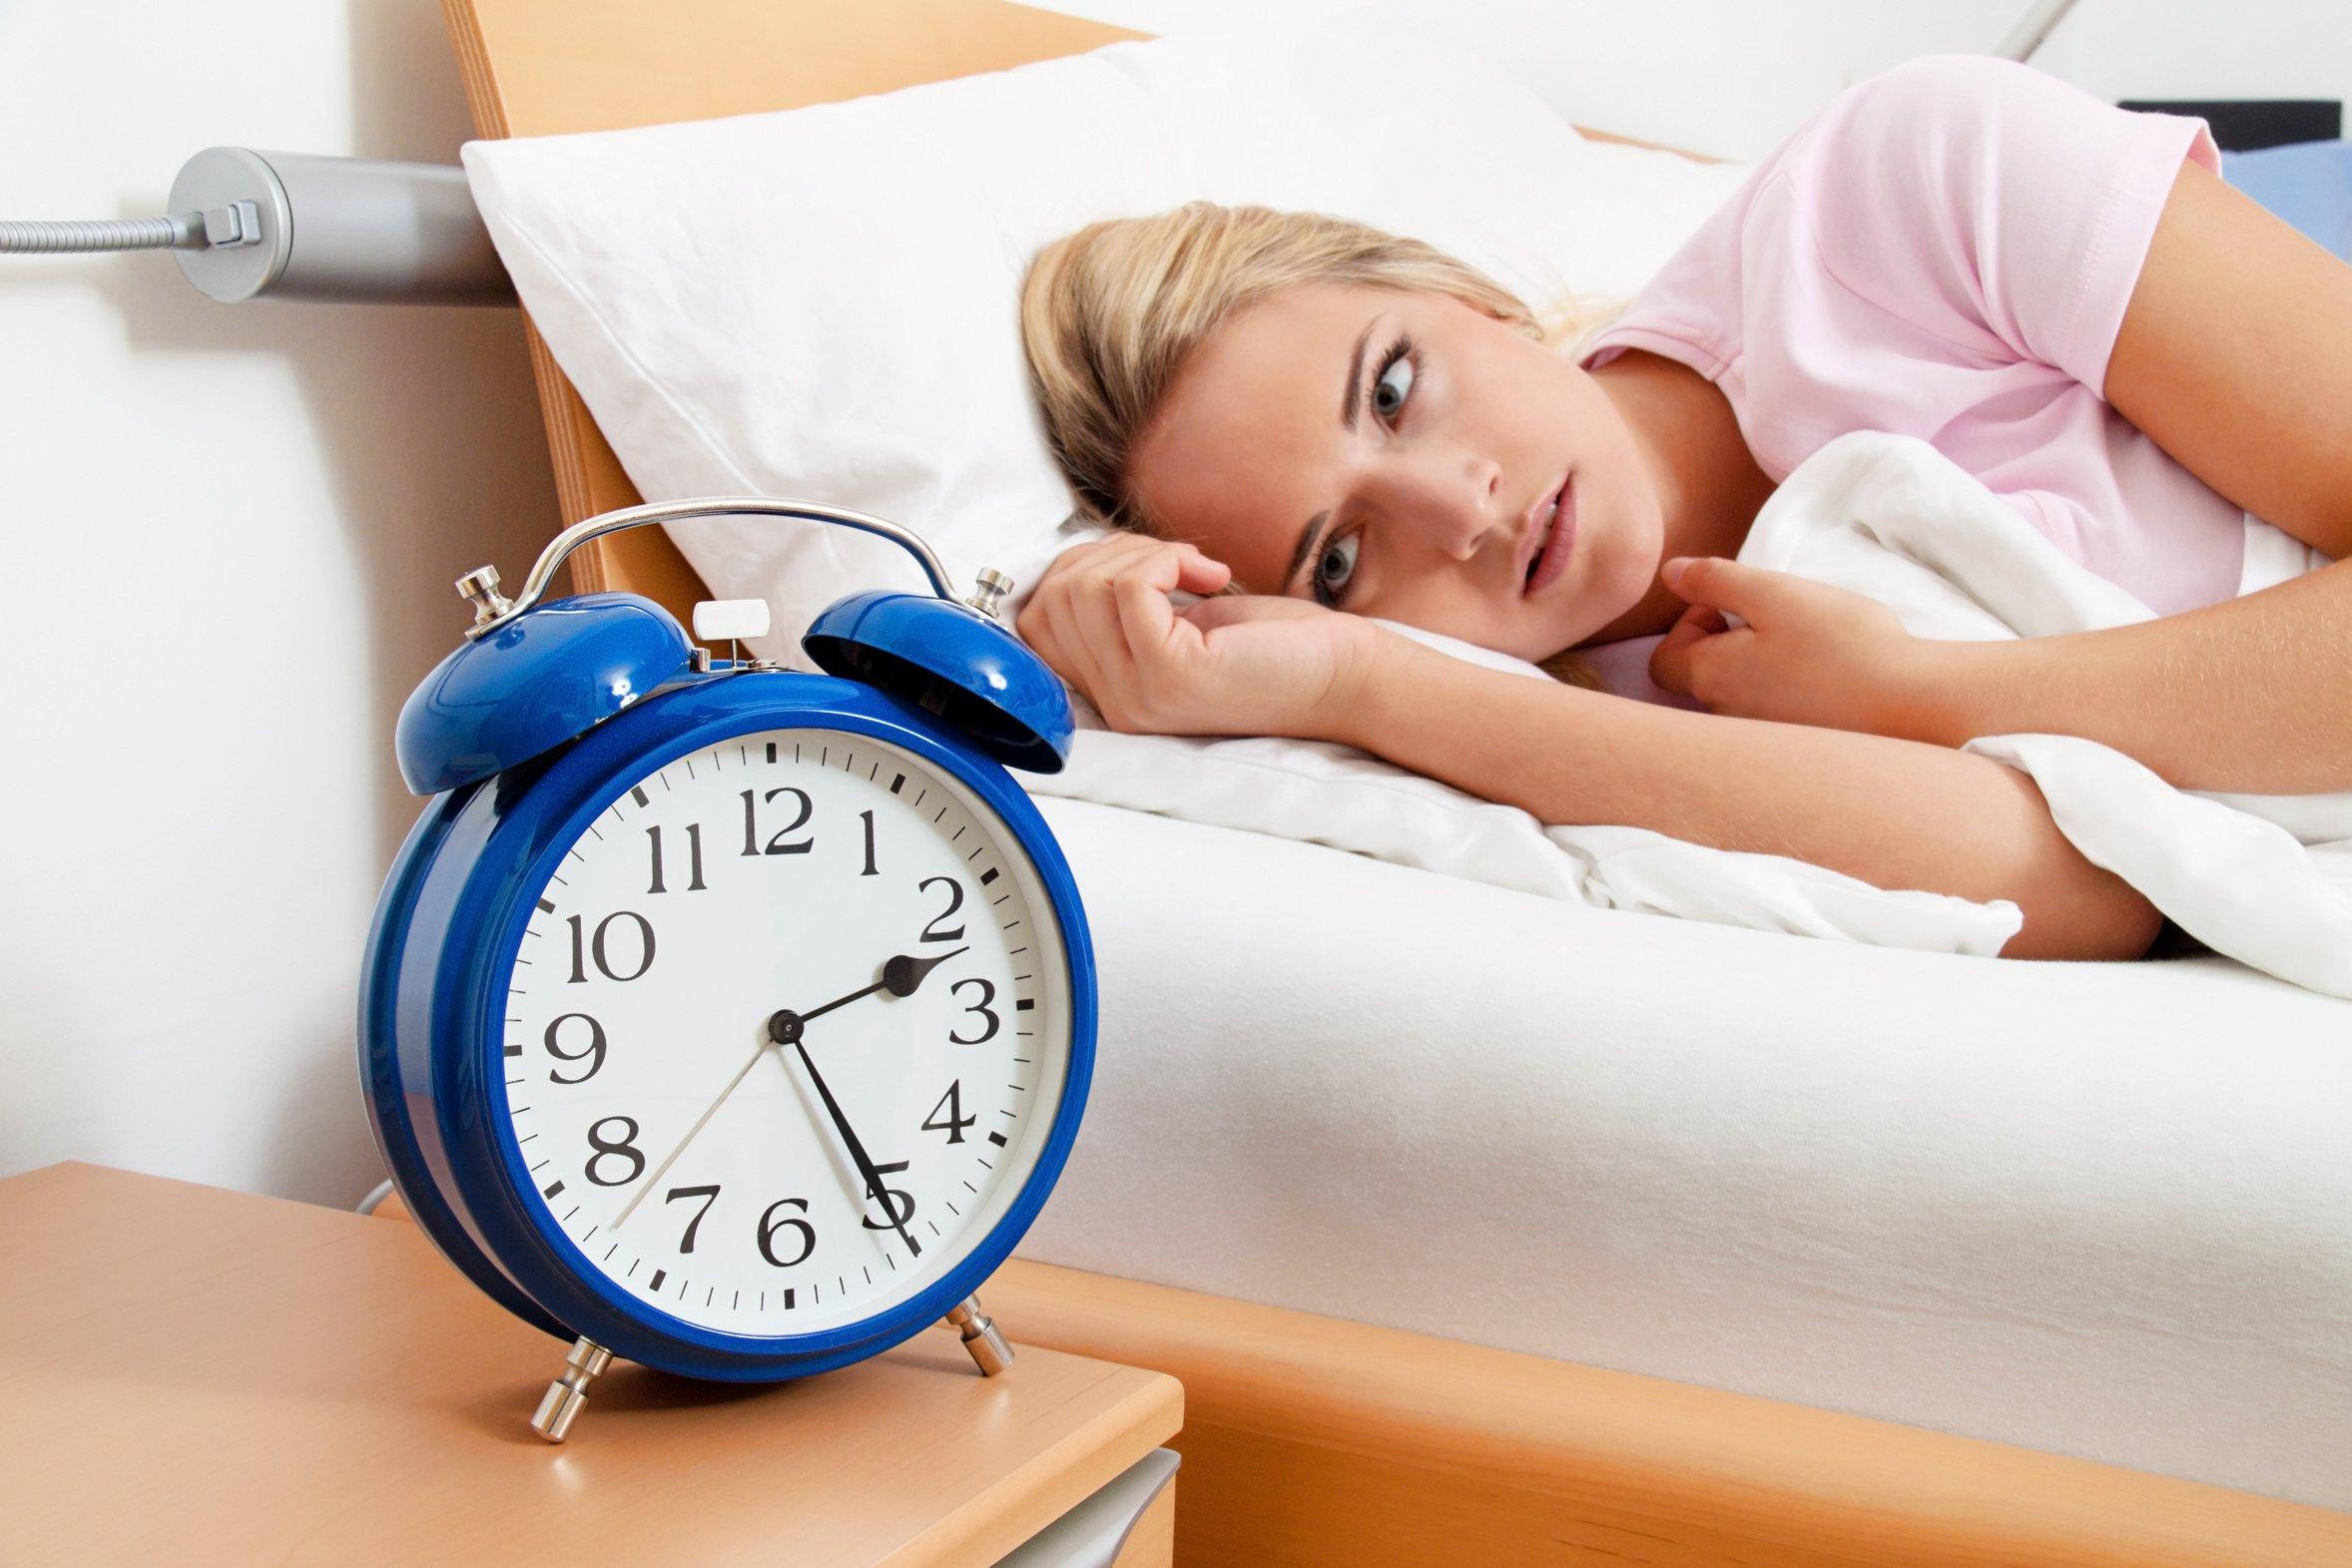 Eu Não Consigo Dormir à Noite, Que Devo Fazer?